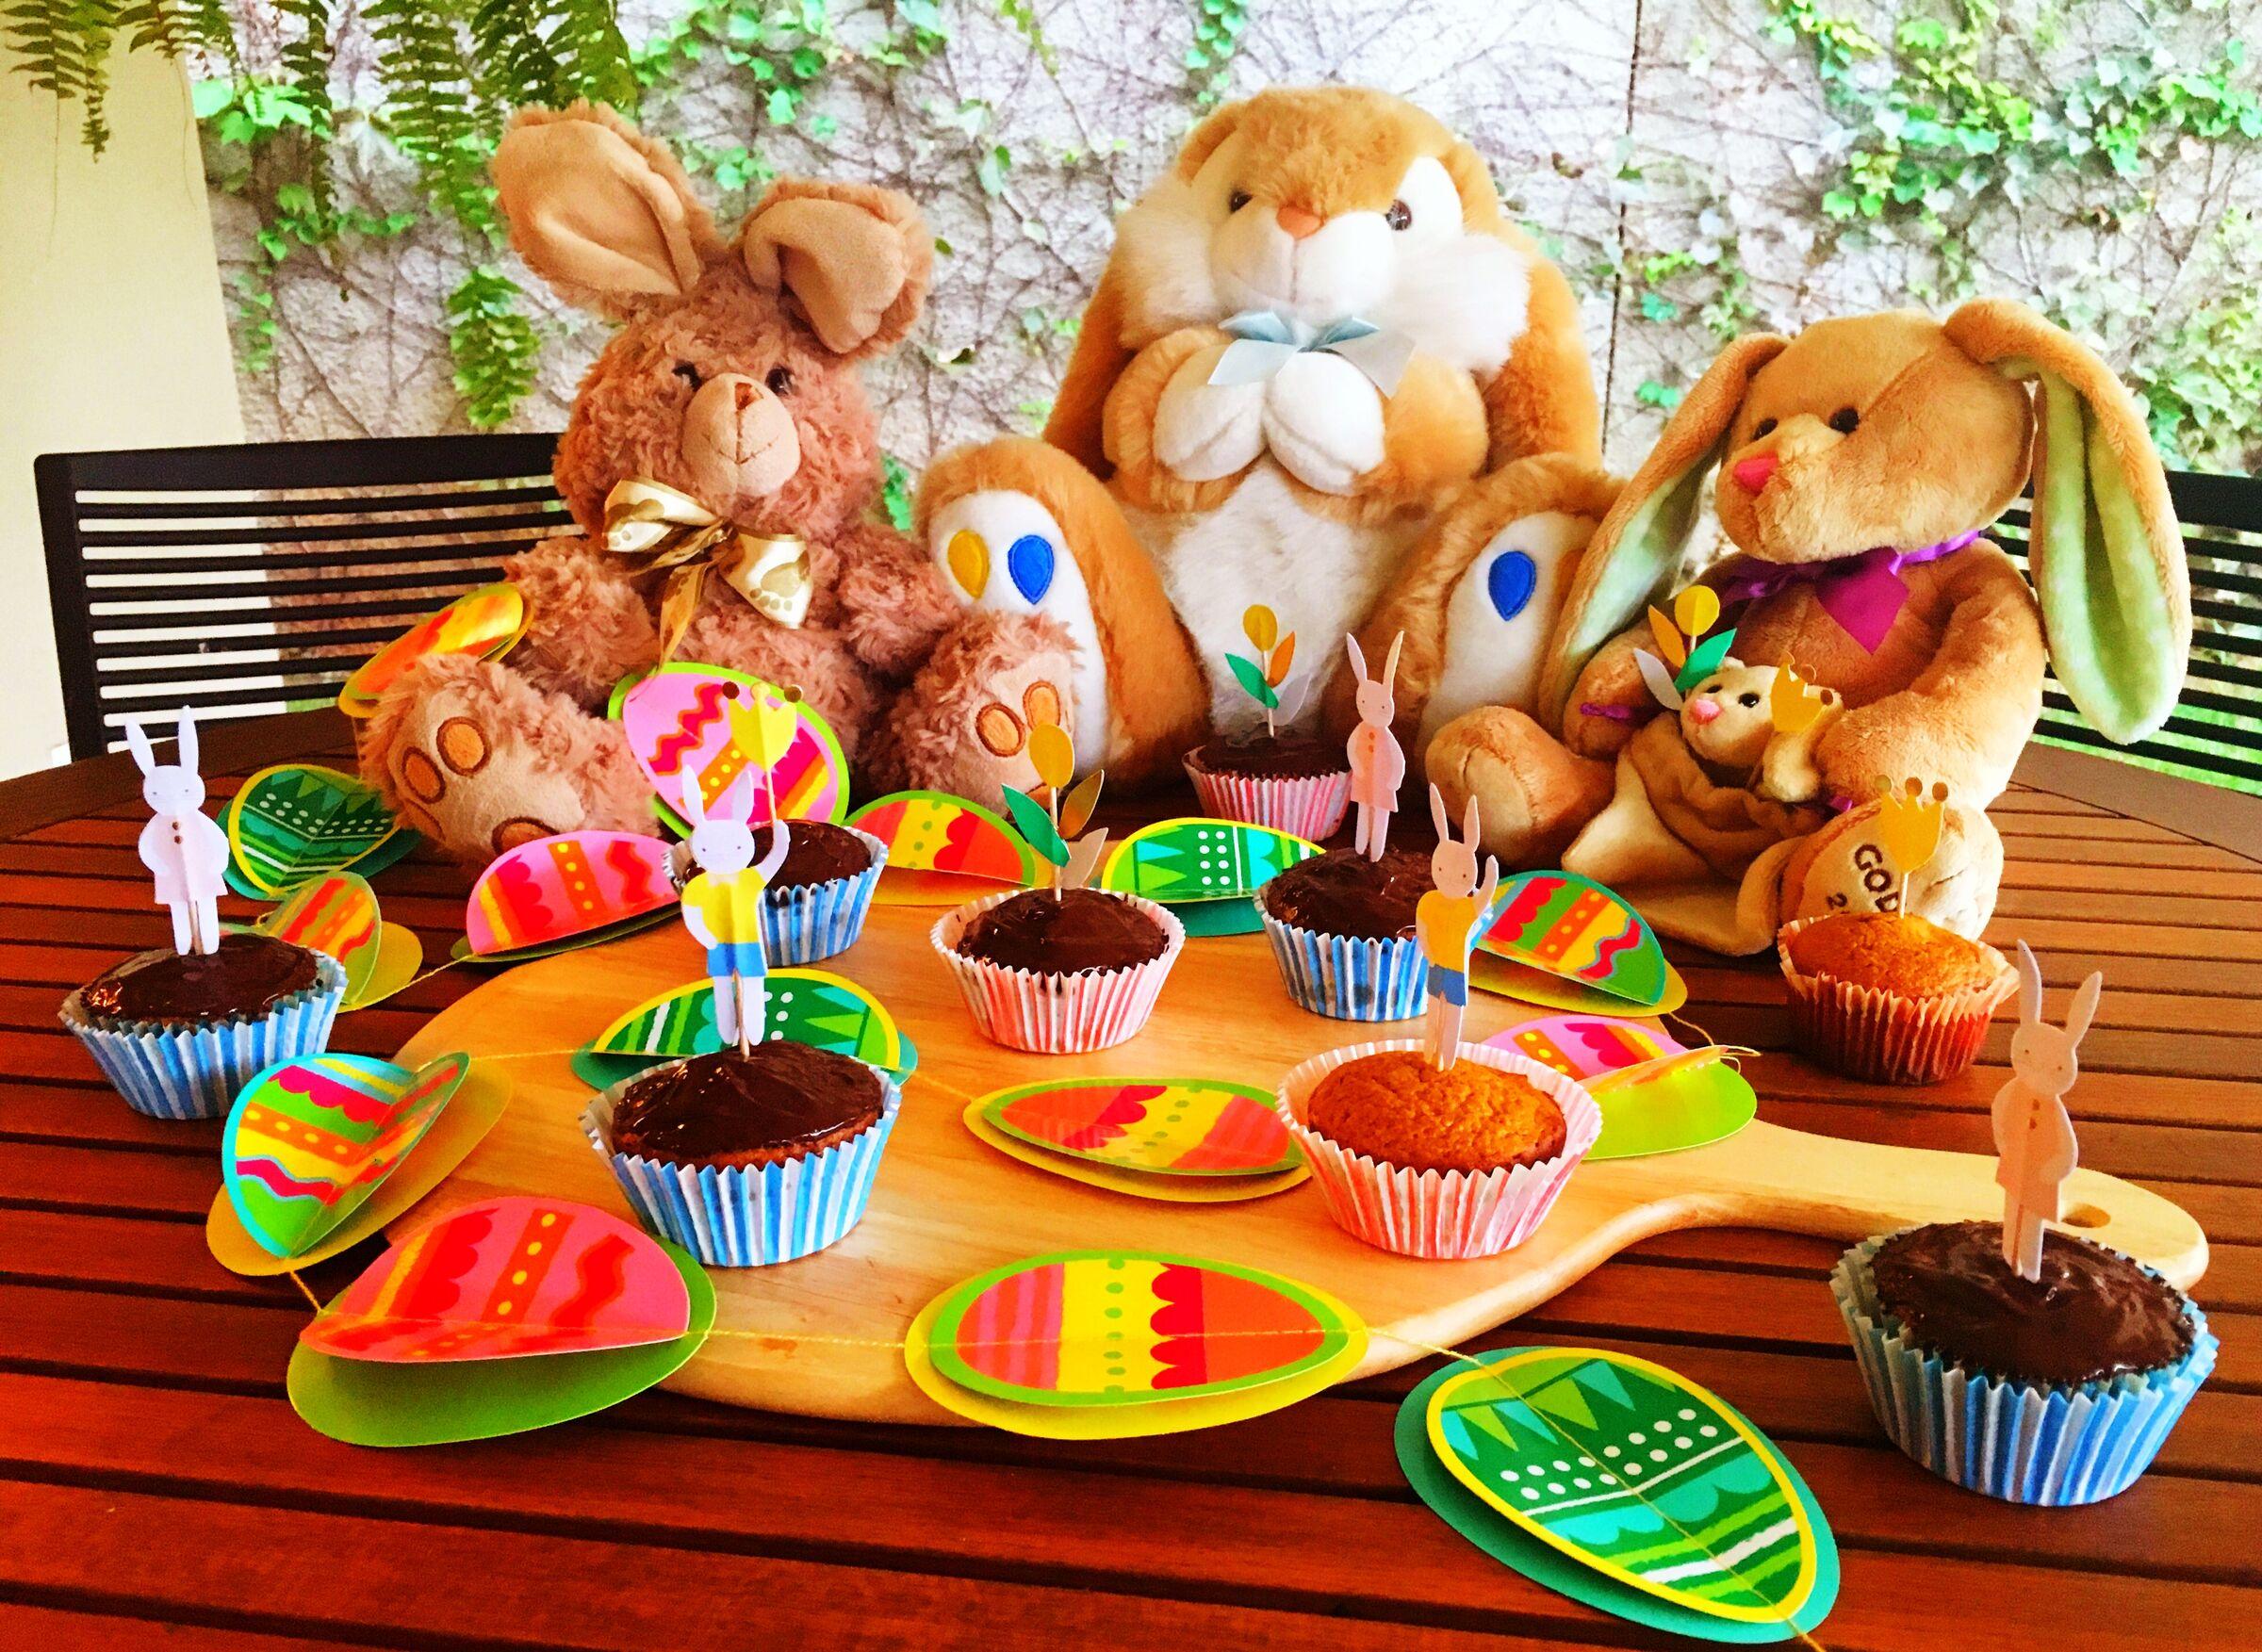 Coelhos de pelúcia ao redor de cupcakes